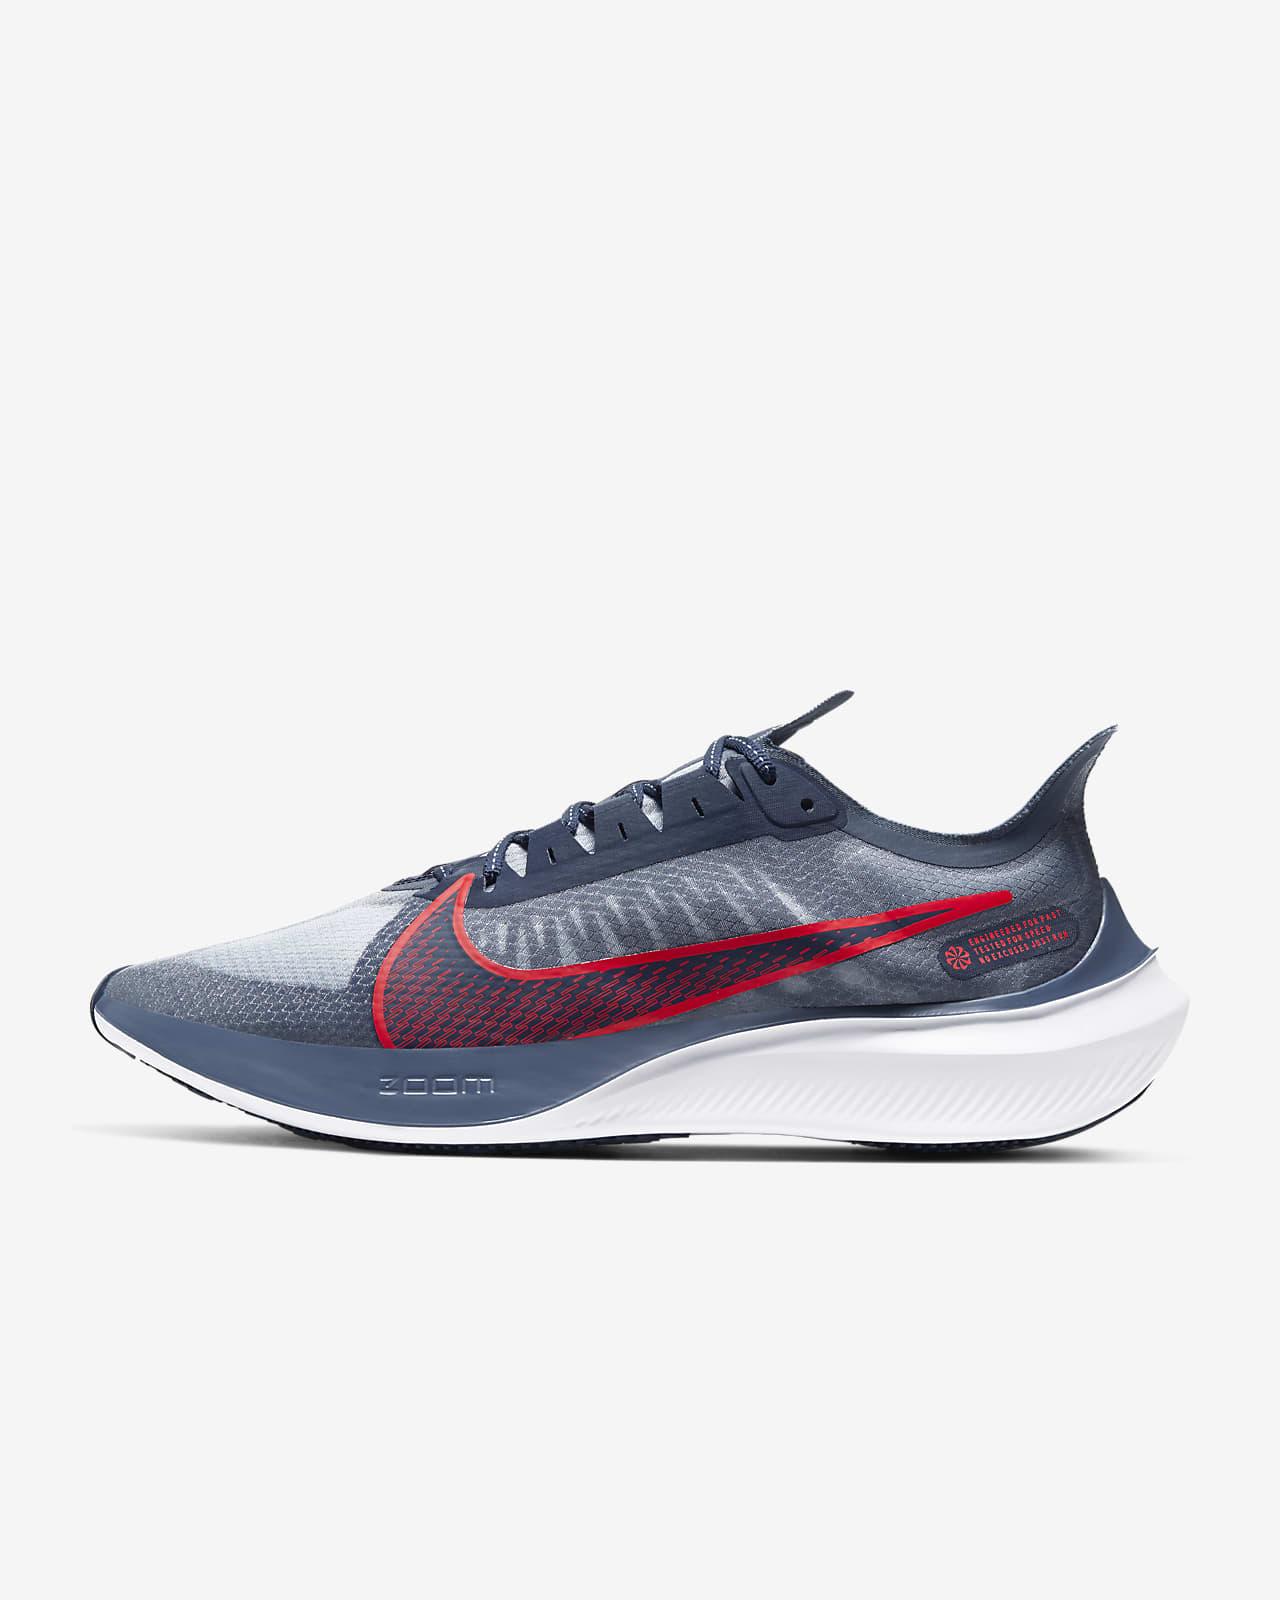 Pánská běžecká bota Nike Zoom Gravity